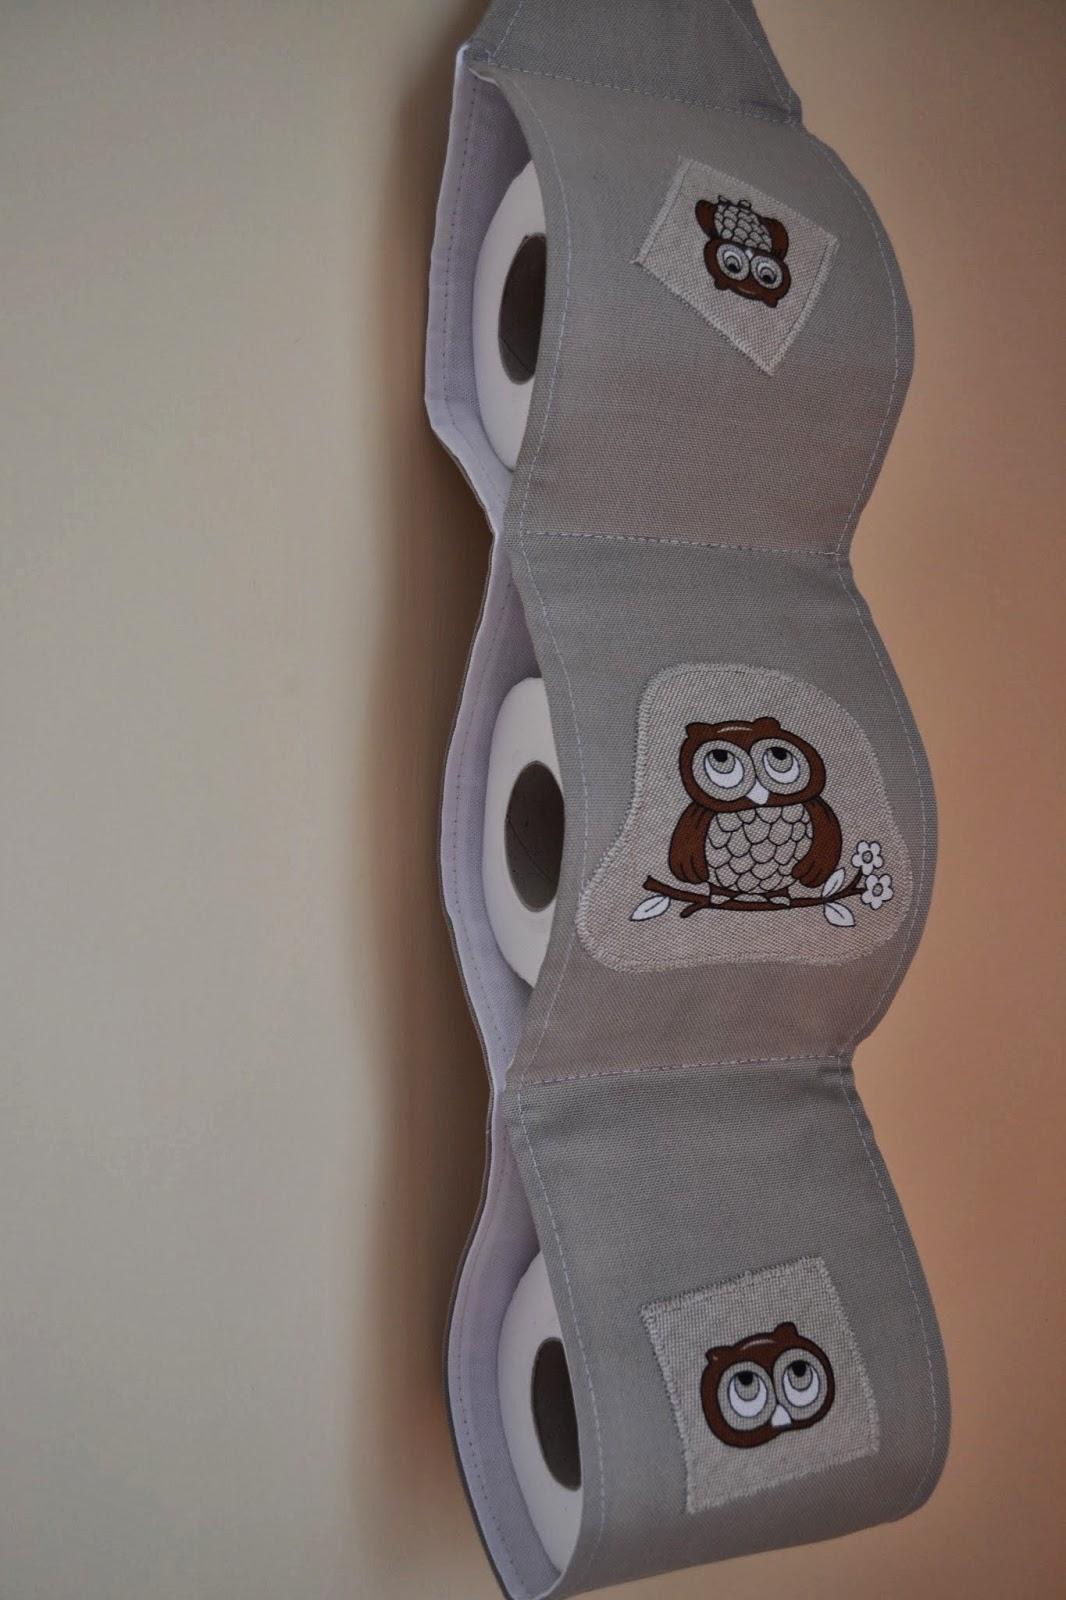 Stoffa amore e fantasie porta rotoli carta igienica - Albero porta carta igienica ...